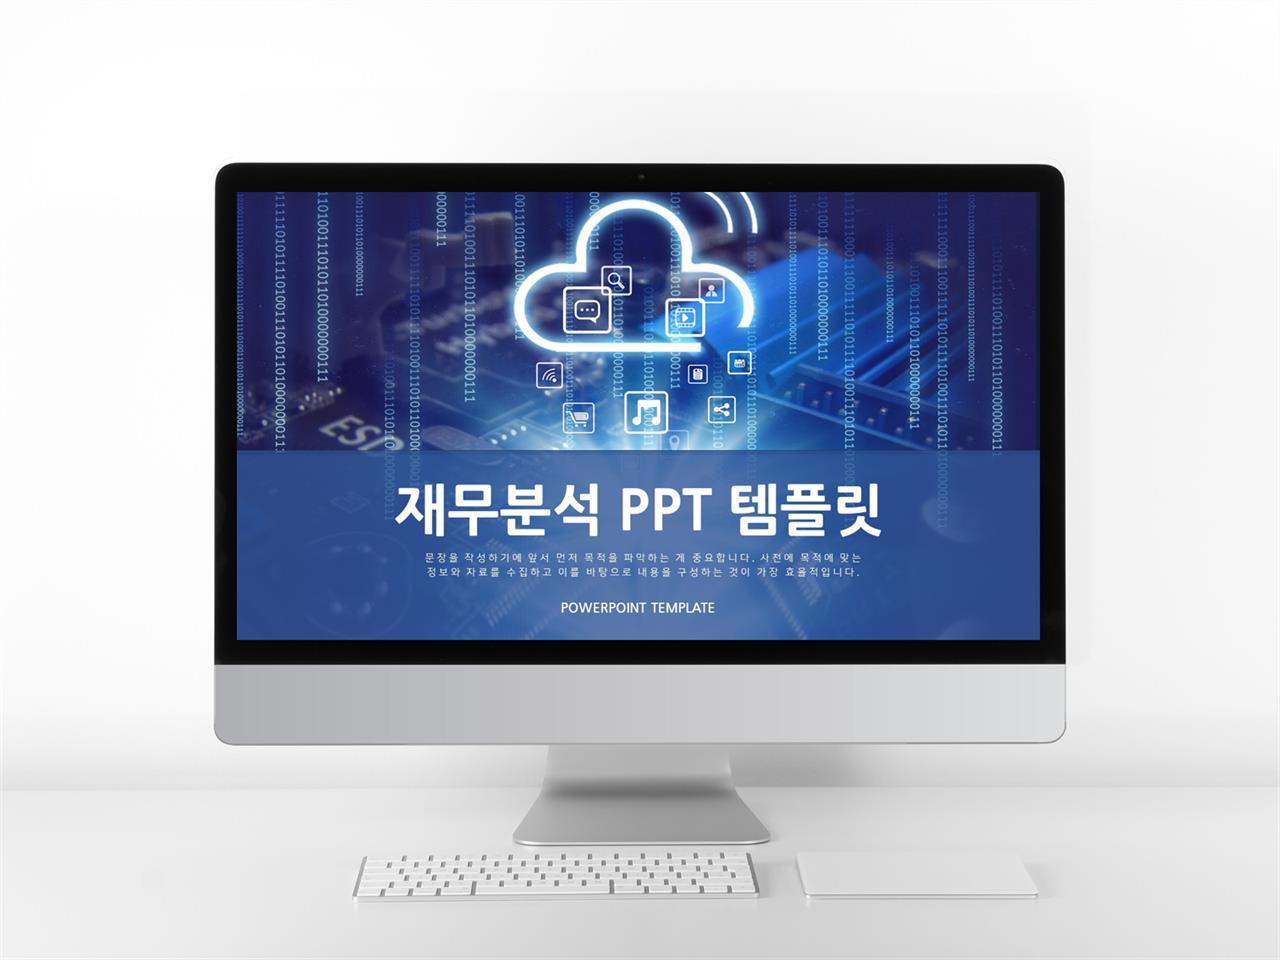 비즈니스 블루 어두운 멋진 PPT탬플릿 다운로드 미리보기